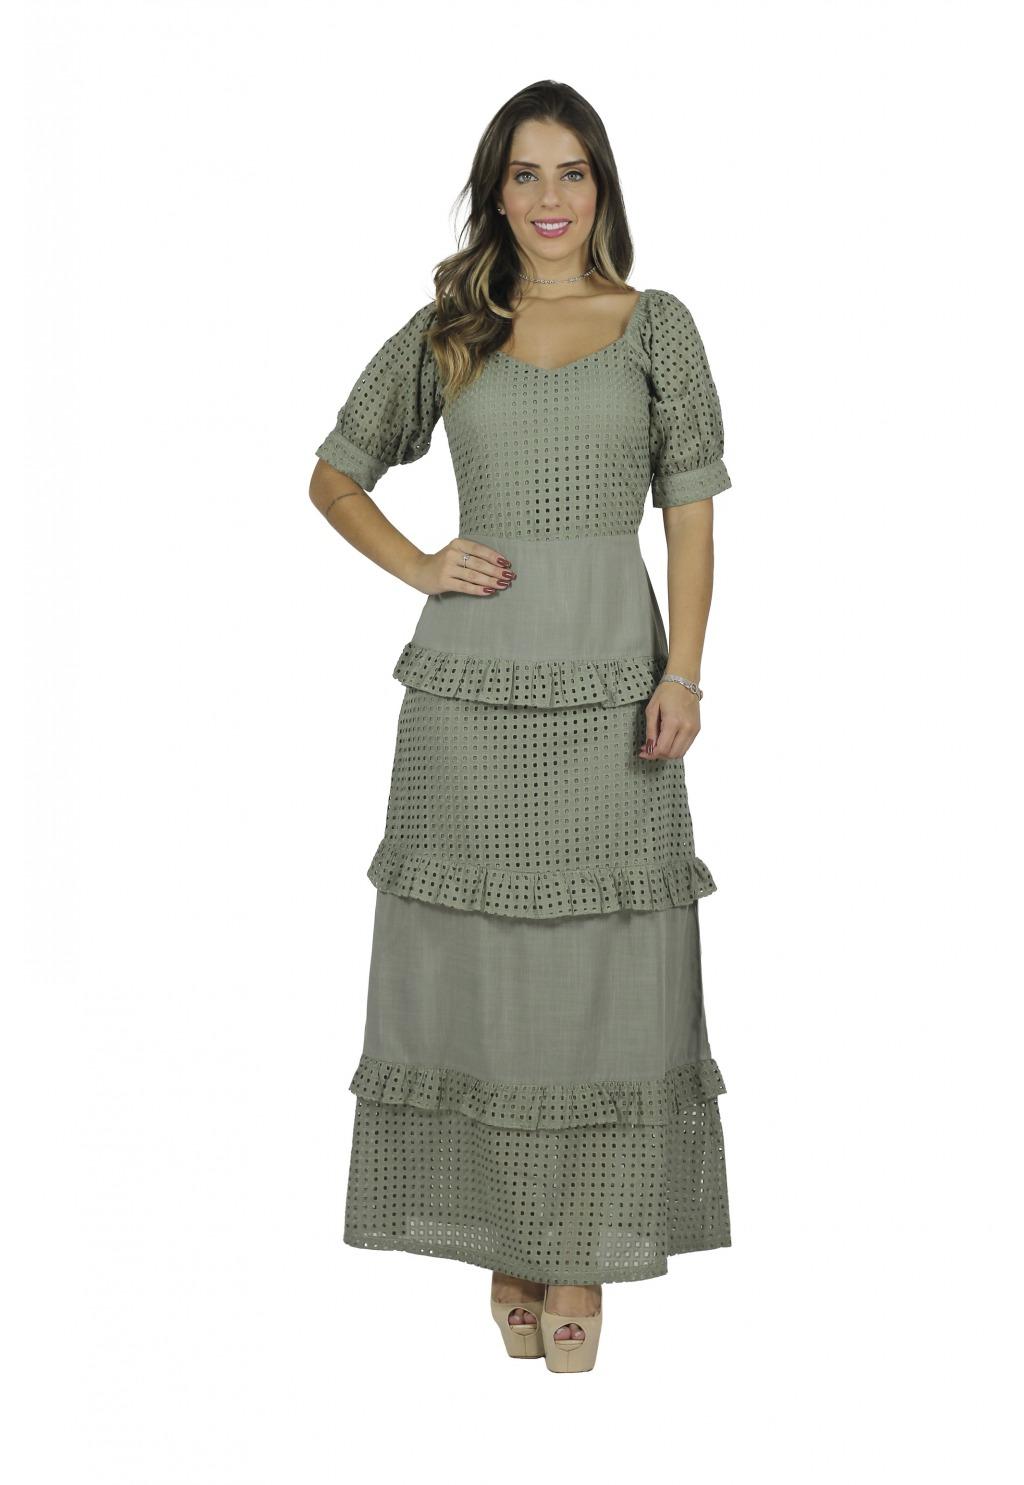 Vestido Mamorena longo laise com recortes e babadinhos